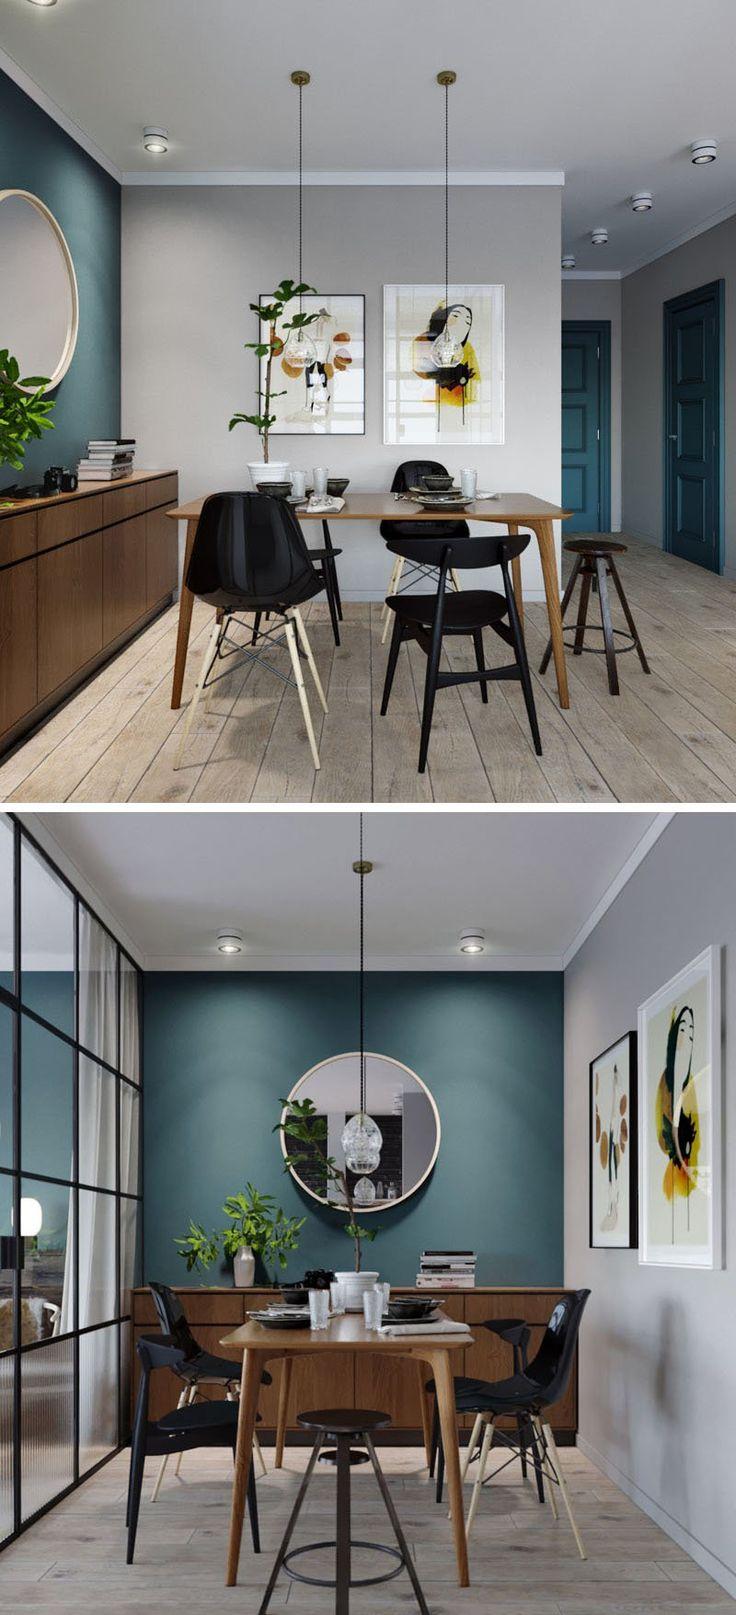 Dans cette salle à manger la bonne idée est les chaises dépareillées mais pour ne pas attirer toute l'attention et mettre en avant le beau mur bleu canard, les chaises sont différentes mais toutes de la meme couleur noire https://clemaroundthecorner.com #bleucanard #decoration #salleamanger #loft